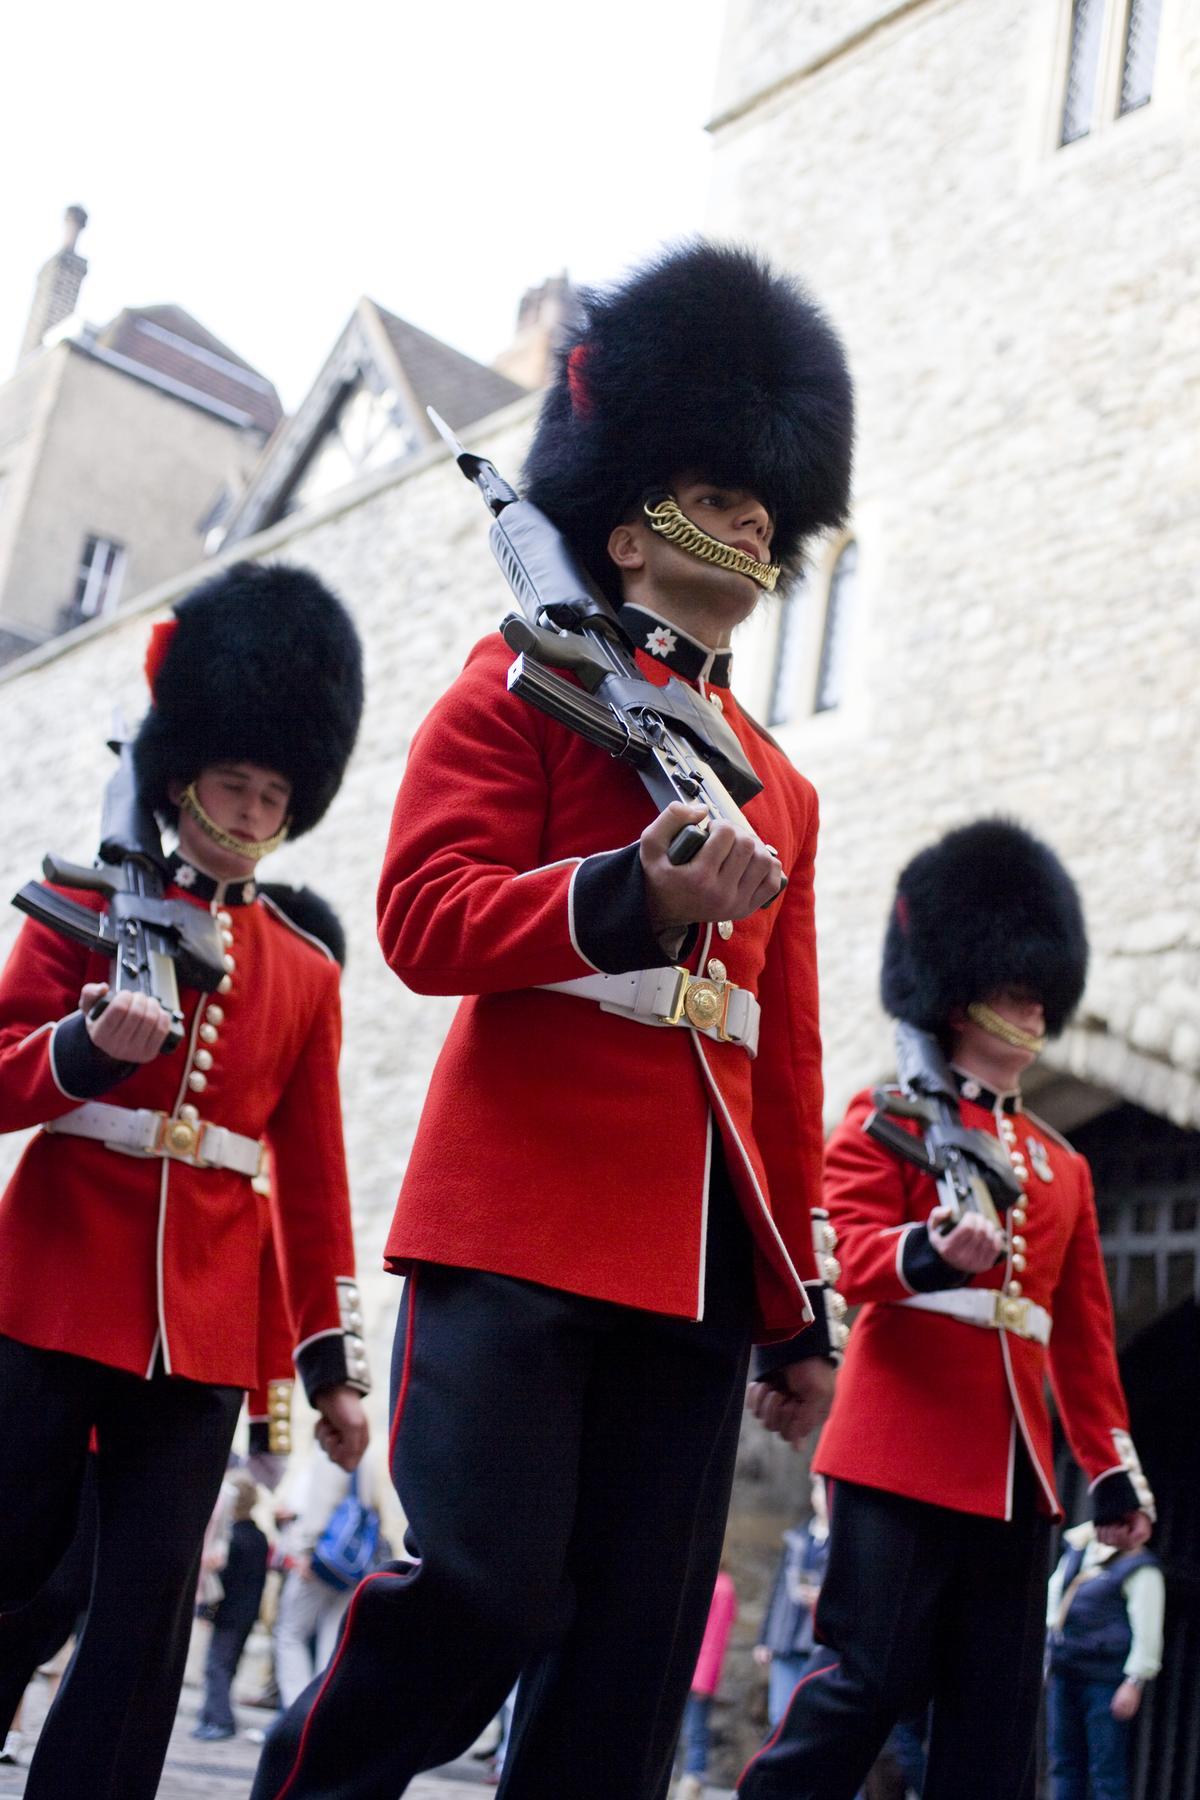 皇家禮炮和英國皇室有深刻淵源。(台灣保樂力加提供)